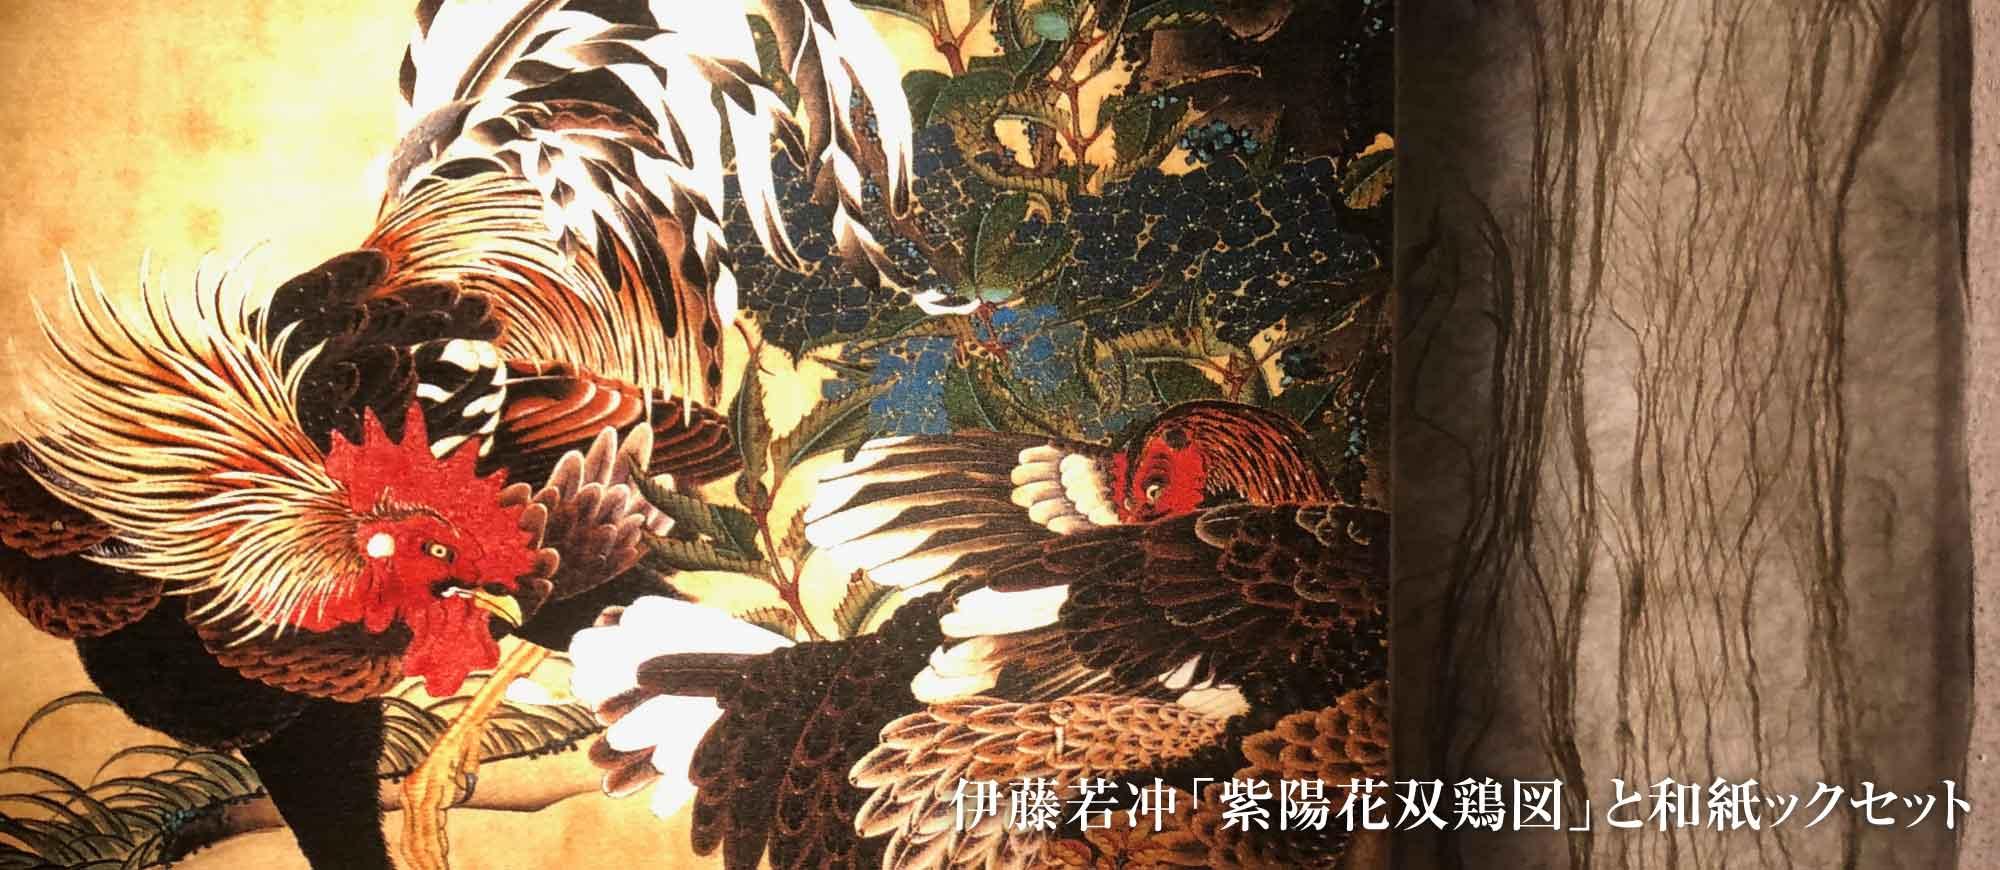 伊藤若冲・紫陽花双鶏図と和紙ックフォトフレーム